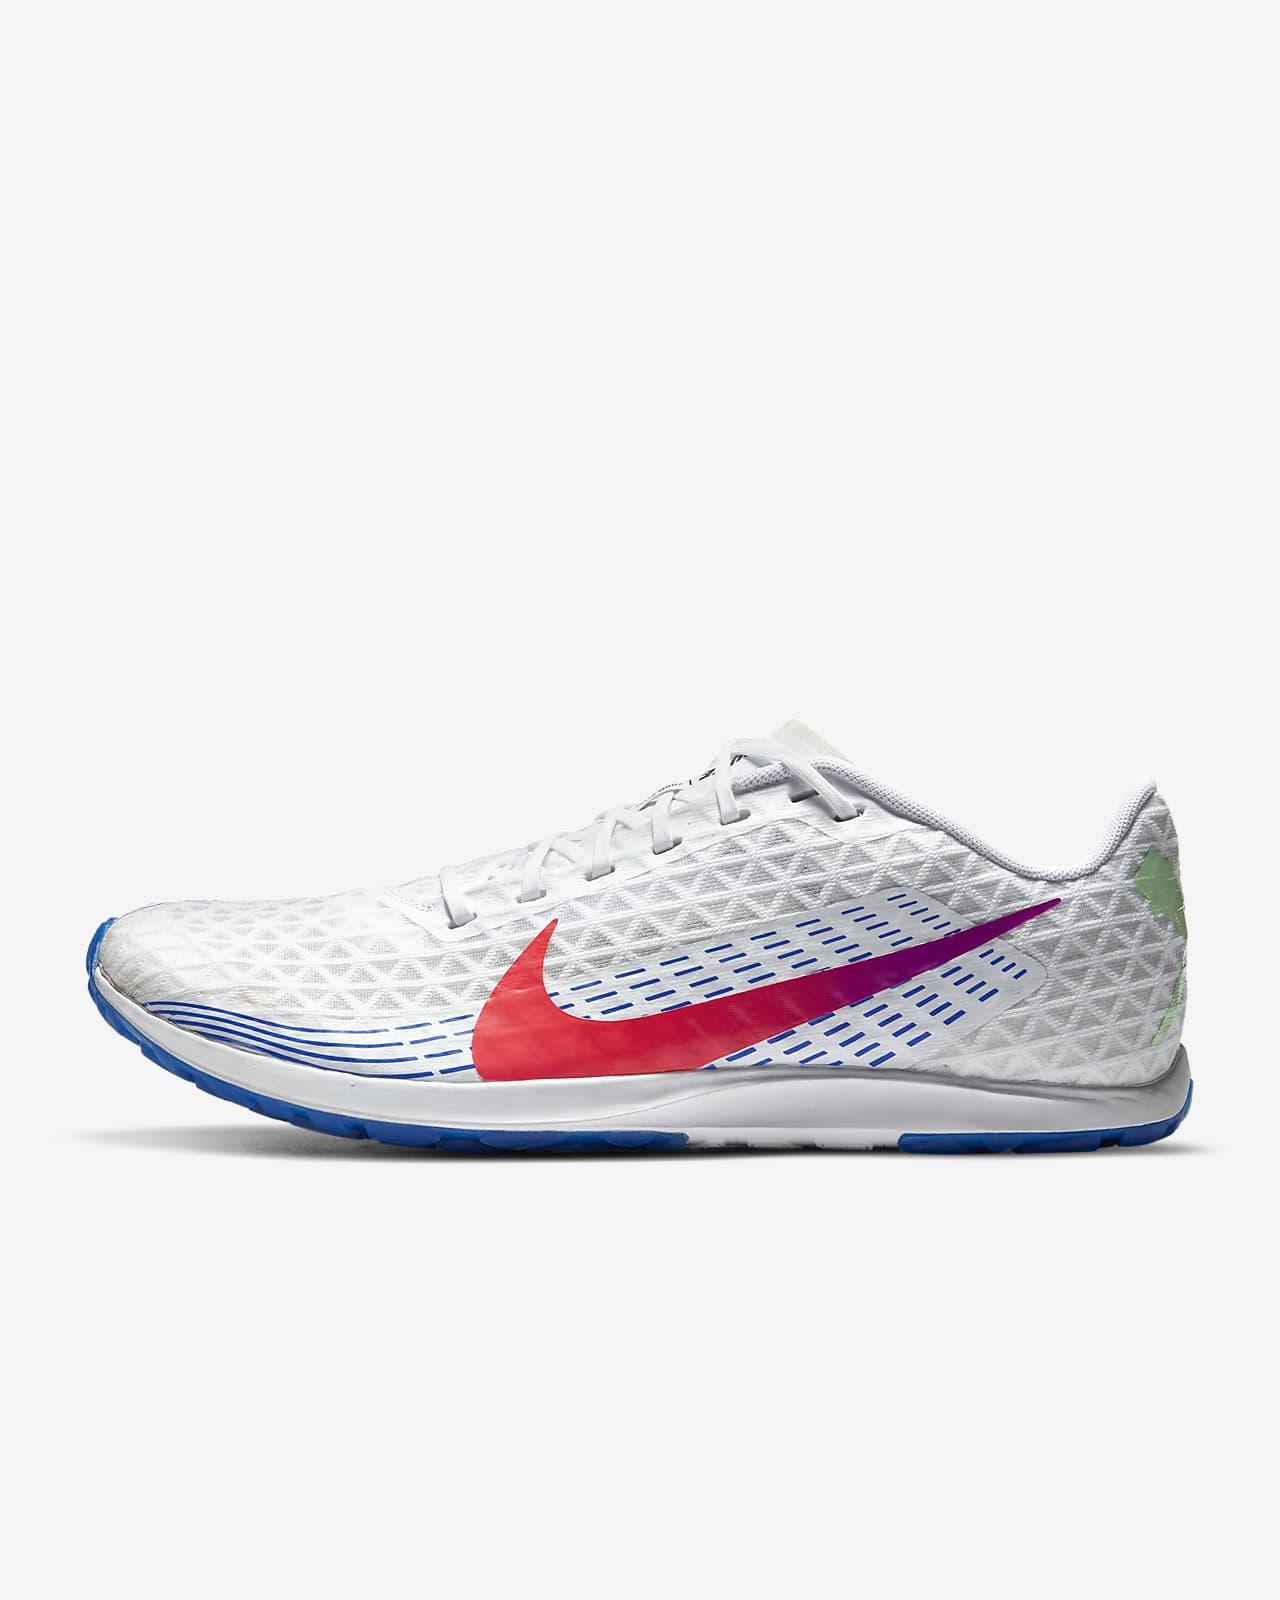 Chaussure de course à pointes mixte Nike Zoom Rival XC (2019)